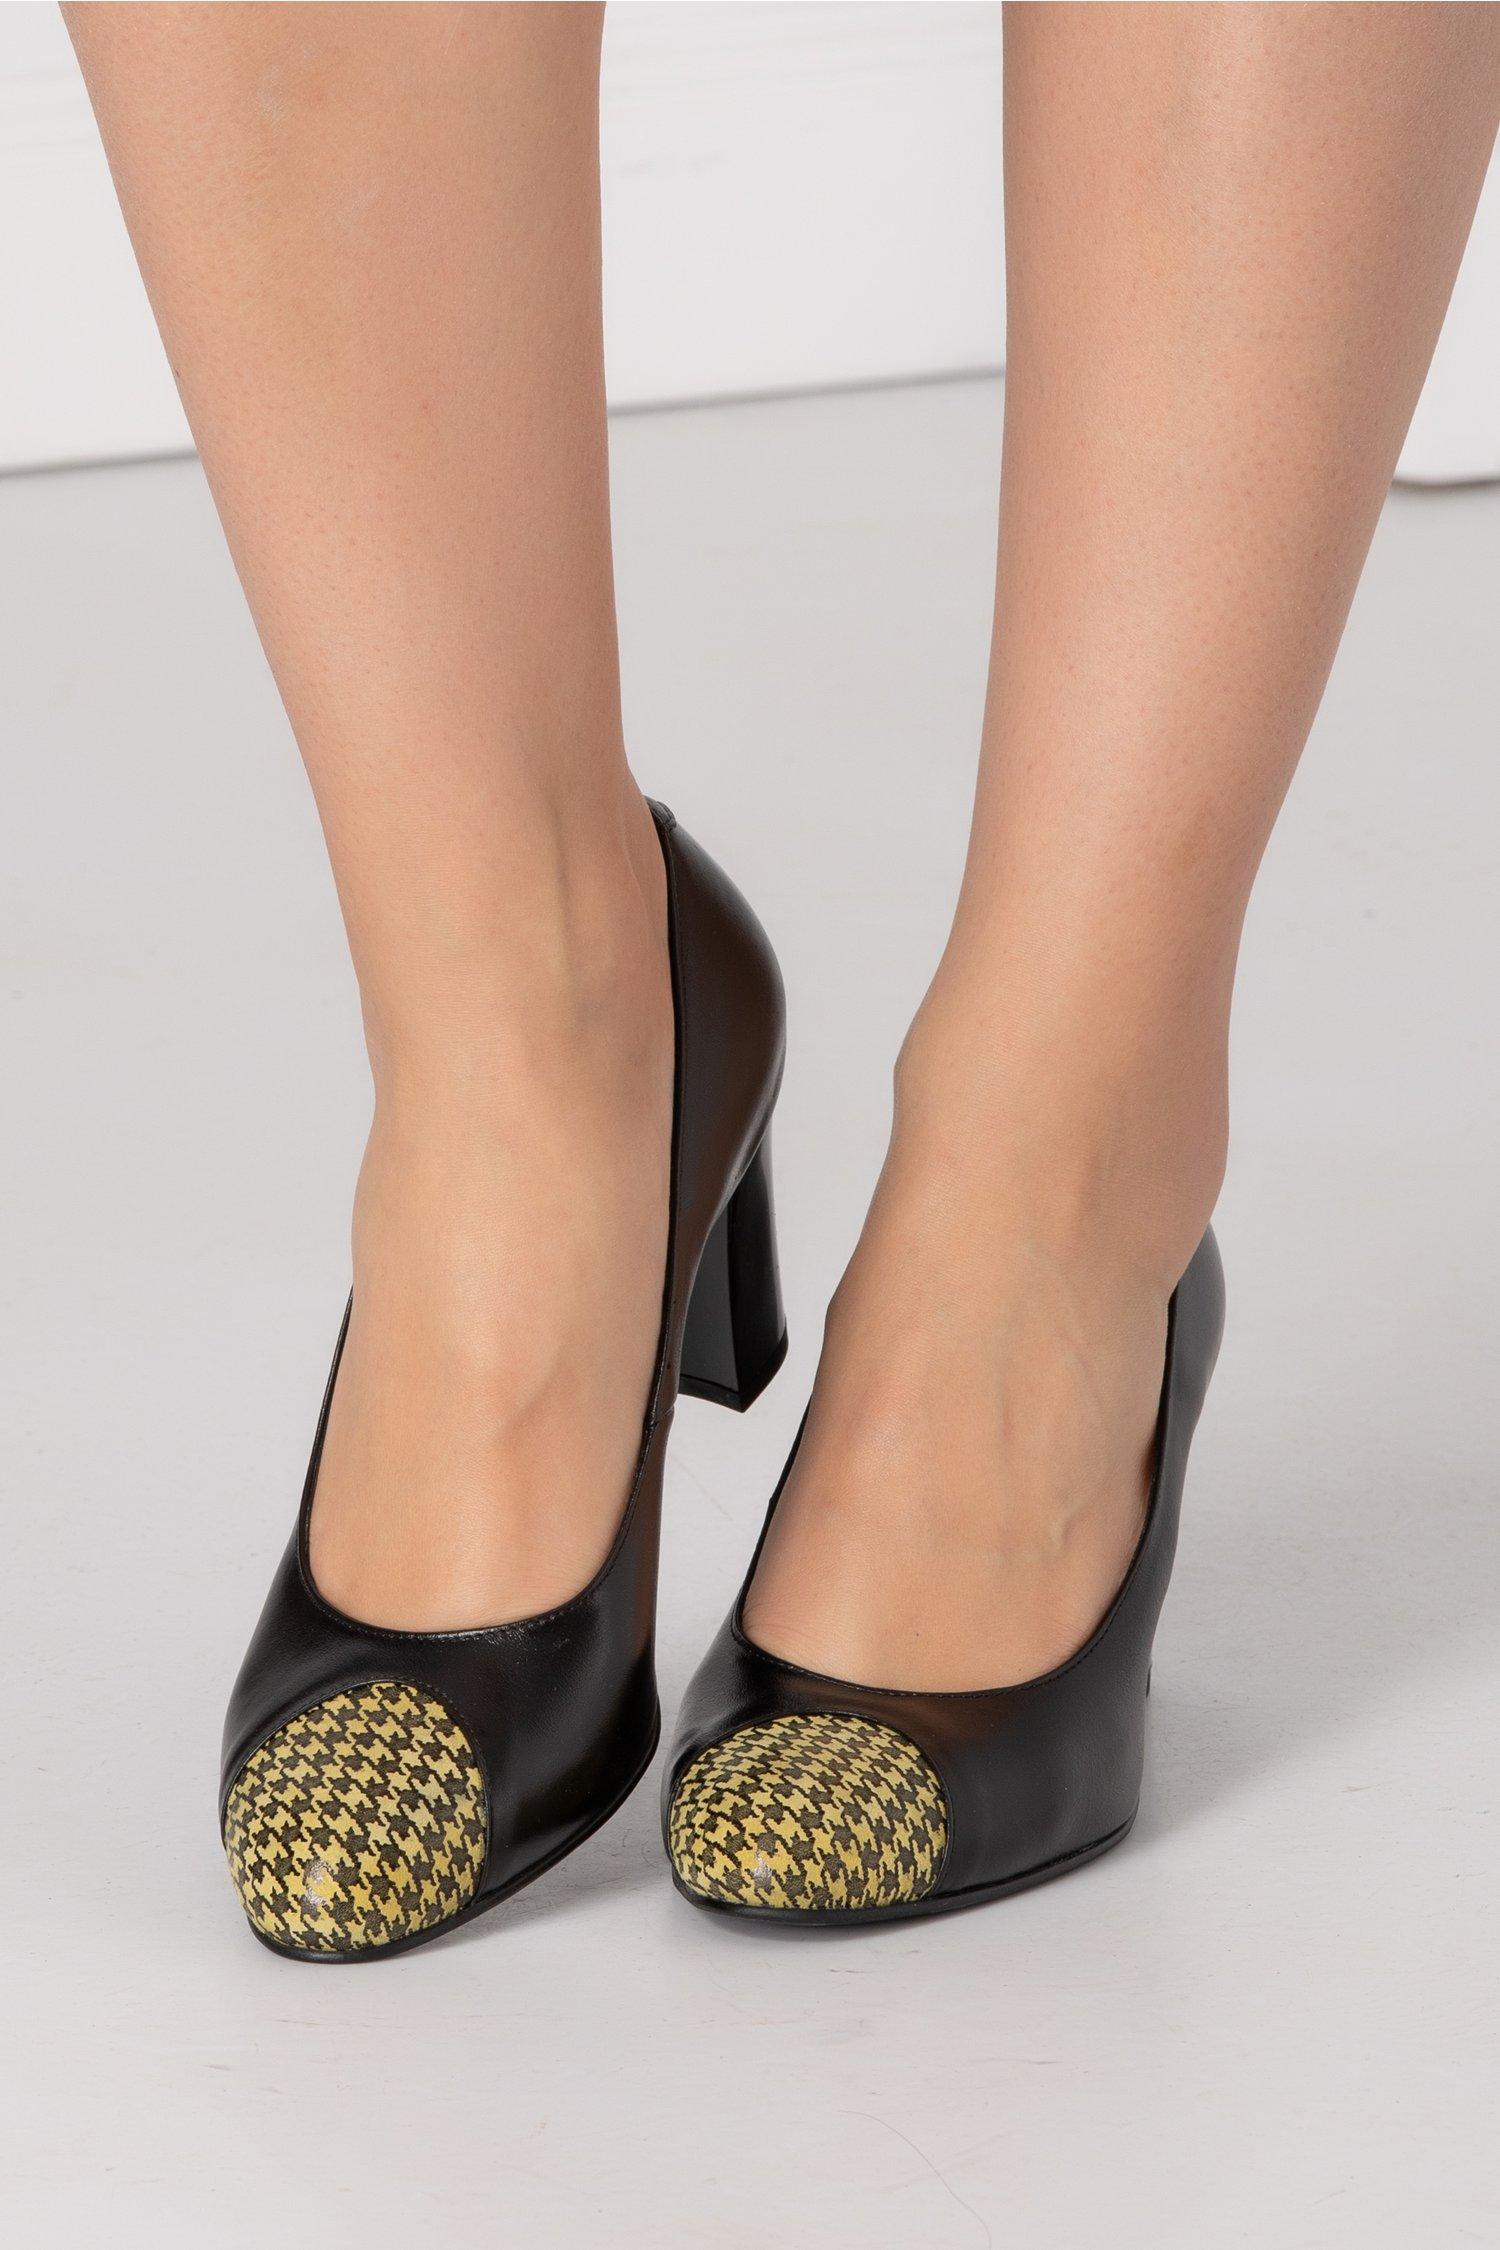 Pantofi negri cu imprimeu galben la varf